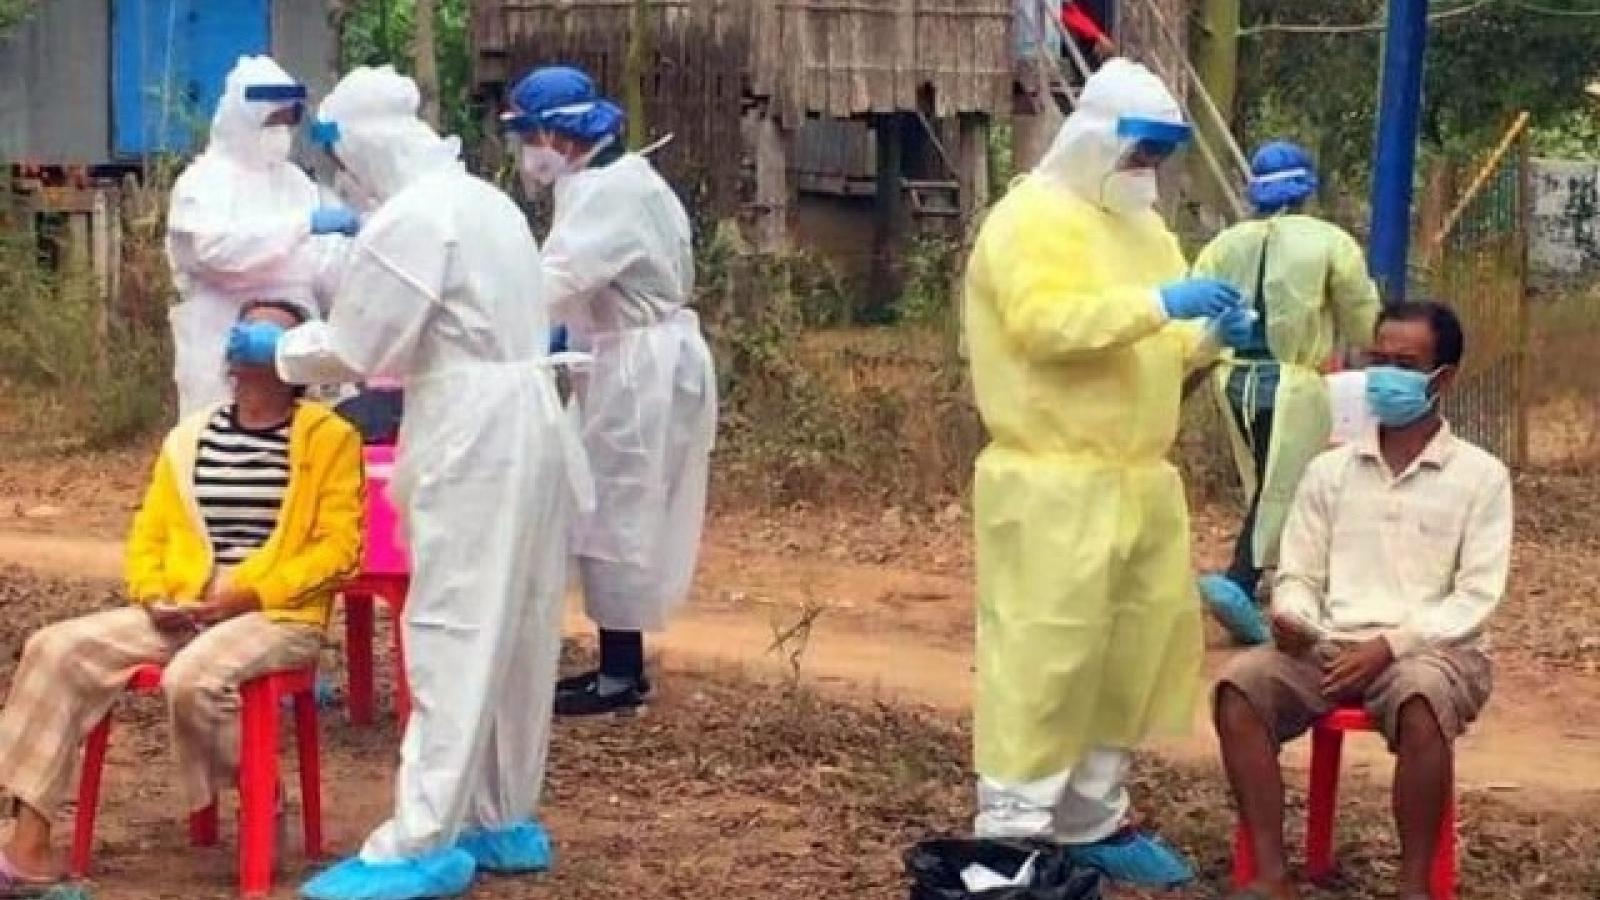 Campuchia 10 ngày liên tiếp phát hiện Covid-19 lây lan trong cộng đồng